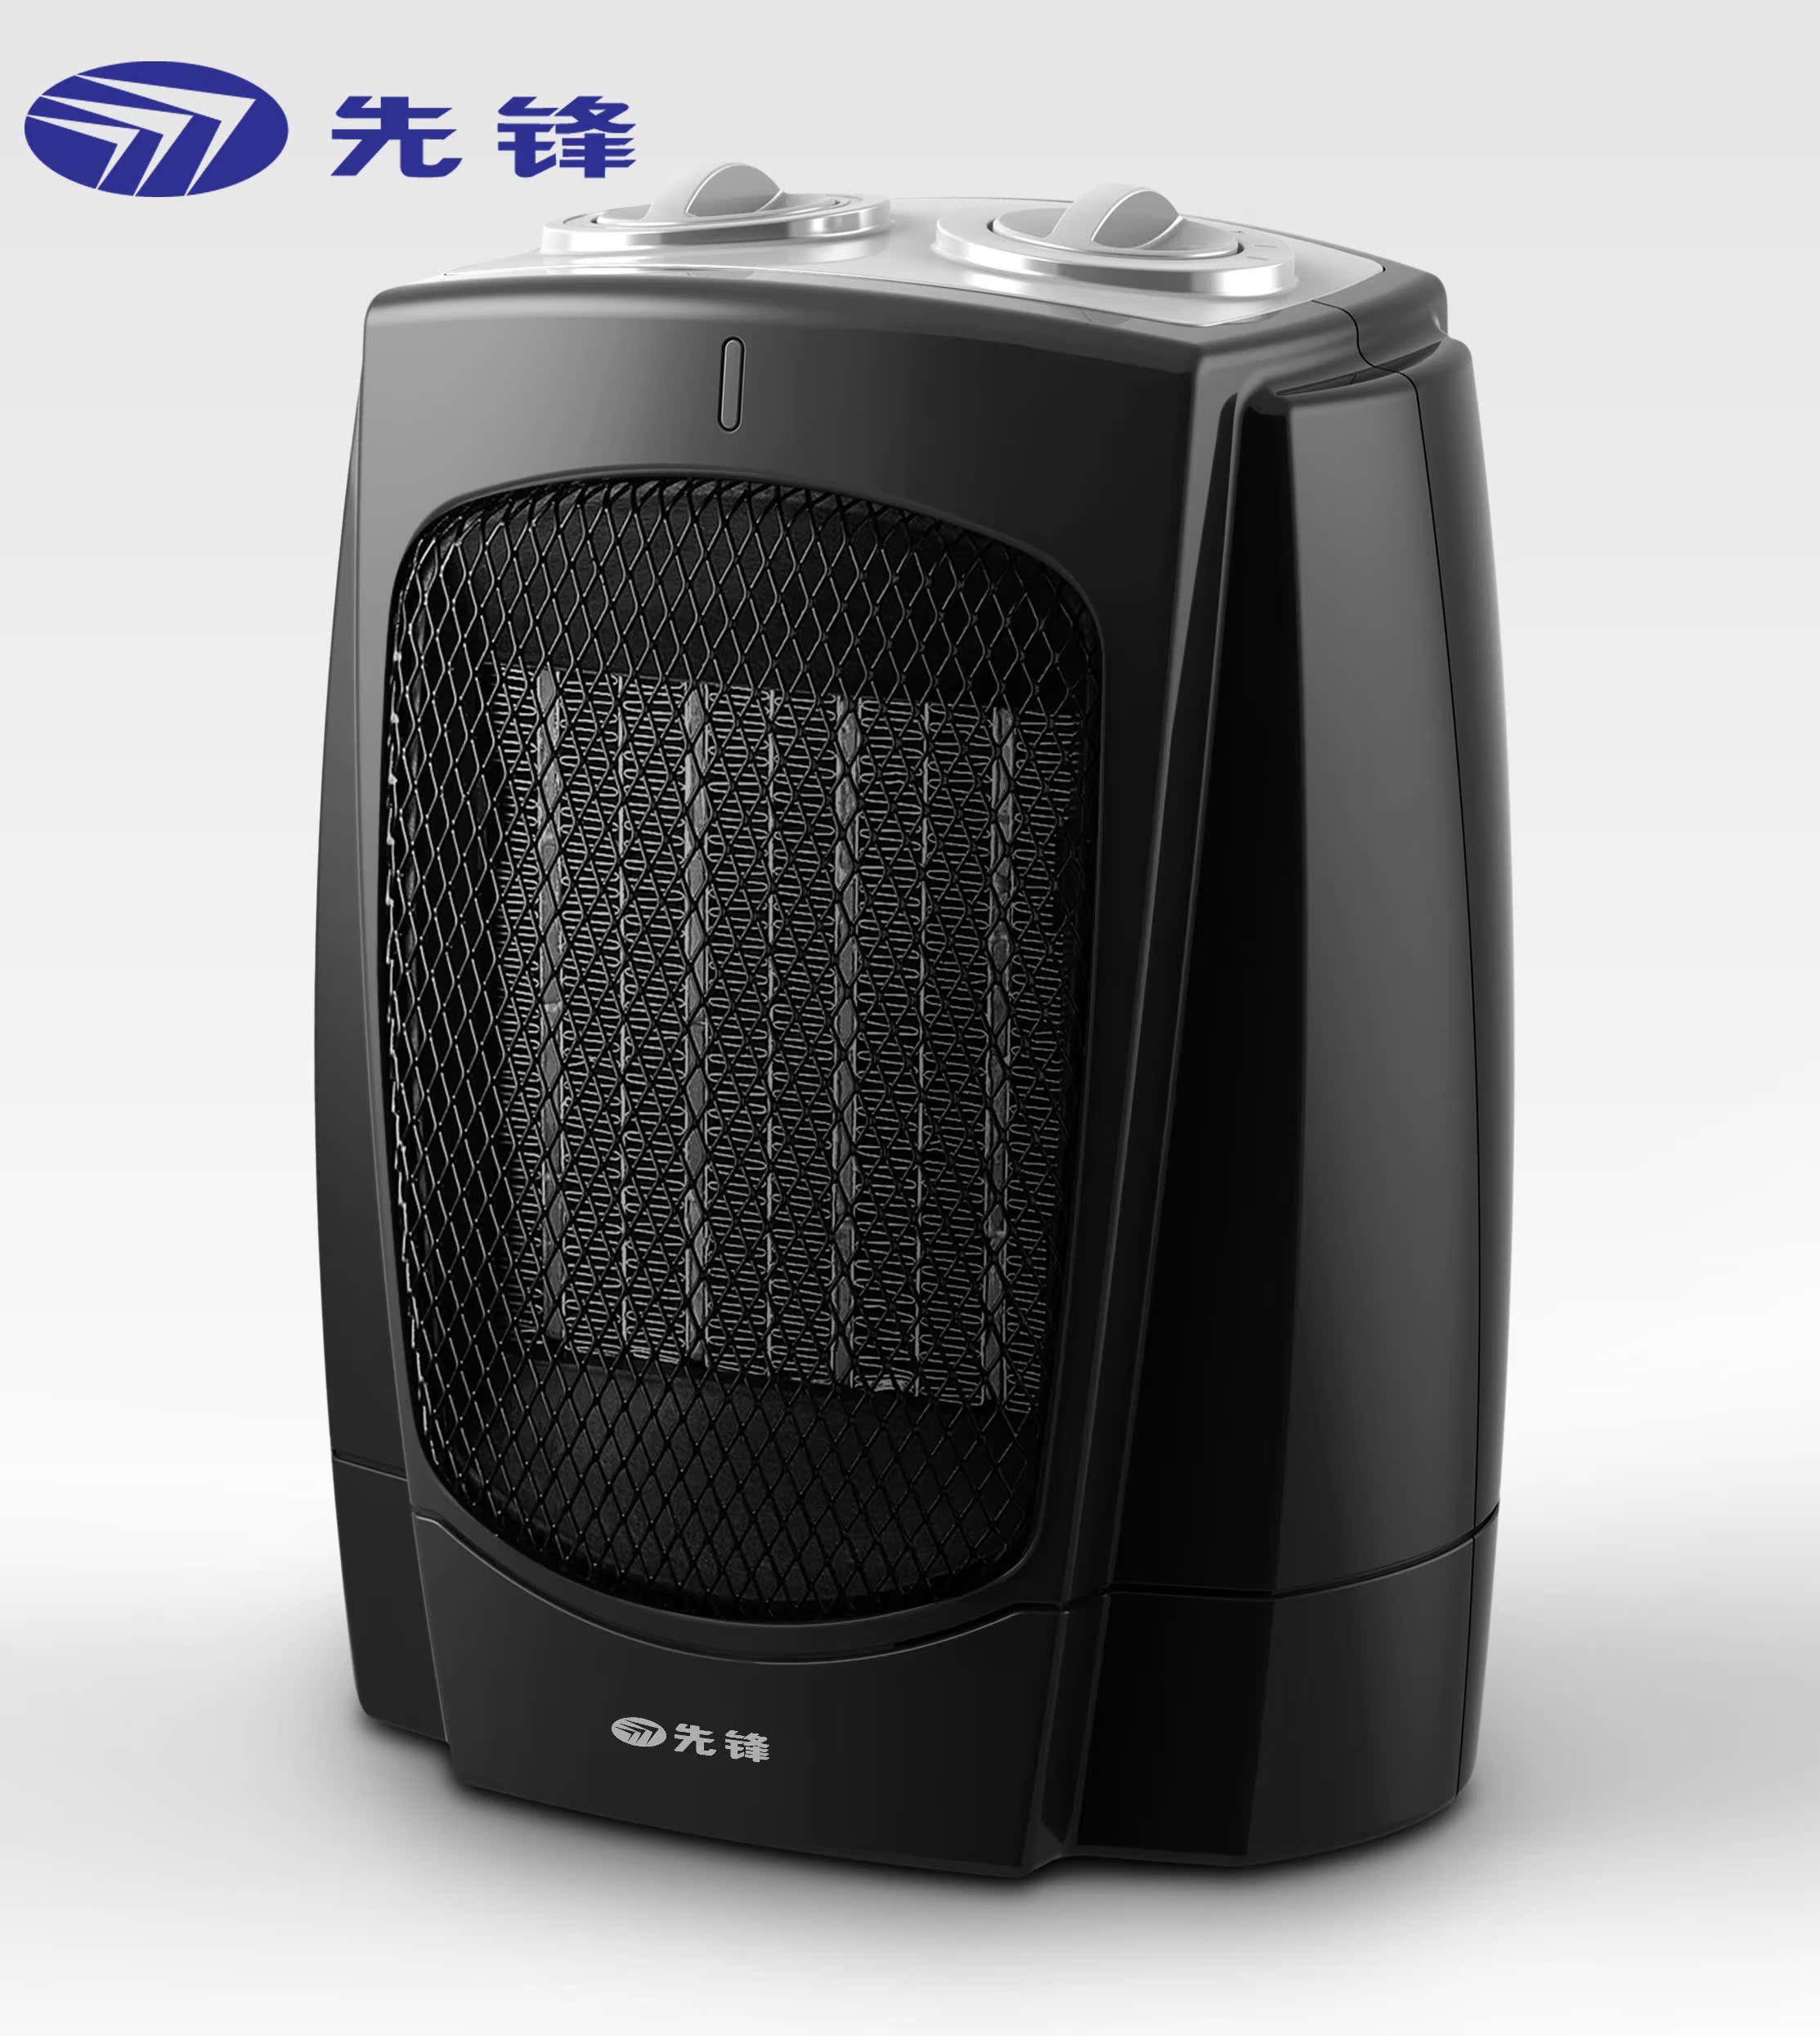 先锋取暖器 暖风机DQ519 电暖器PTC陶瓷加热 电暖气 正品